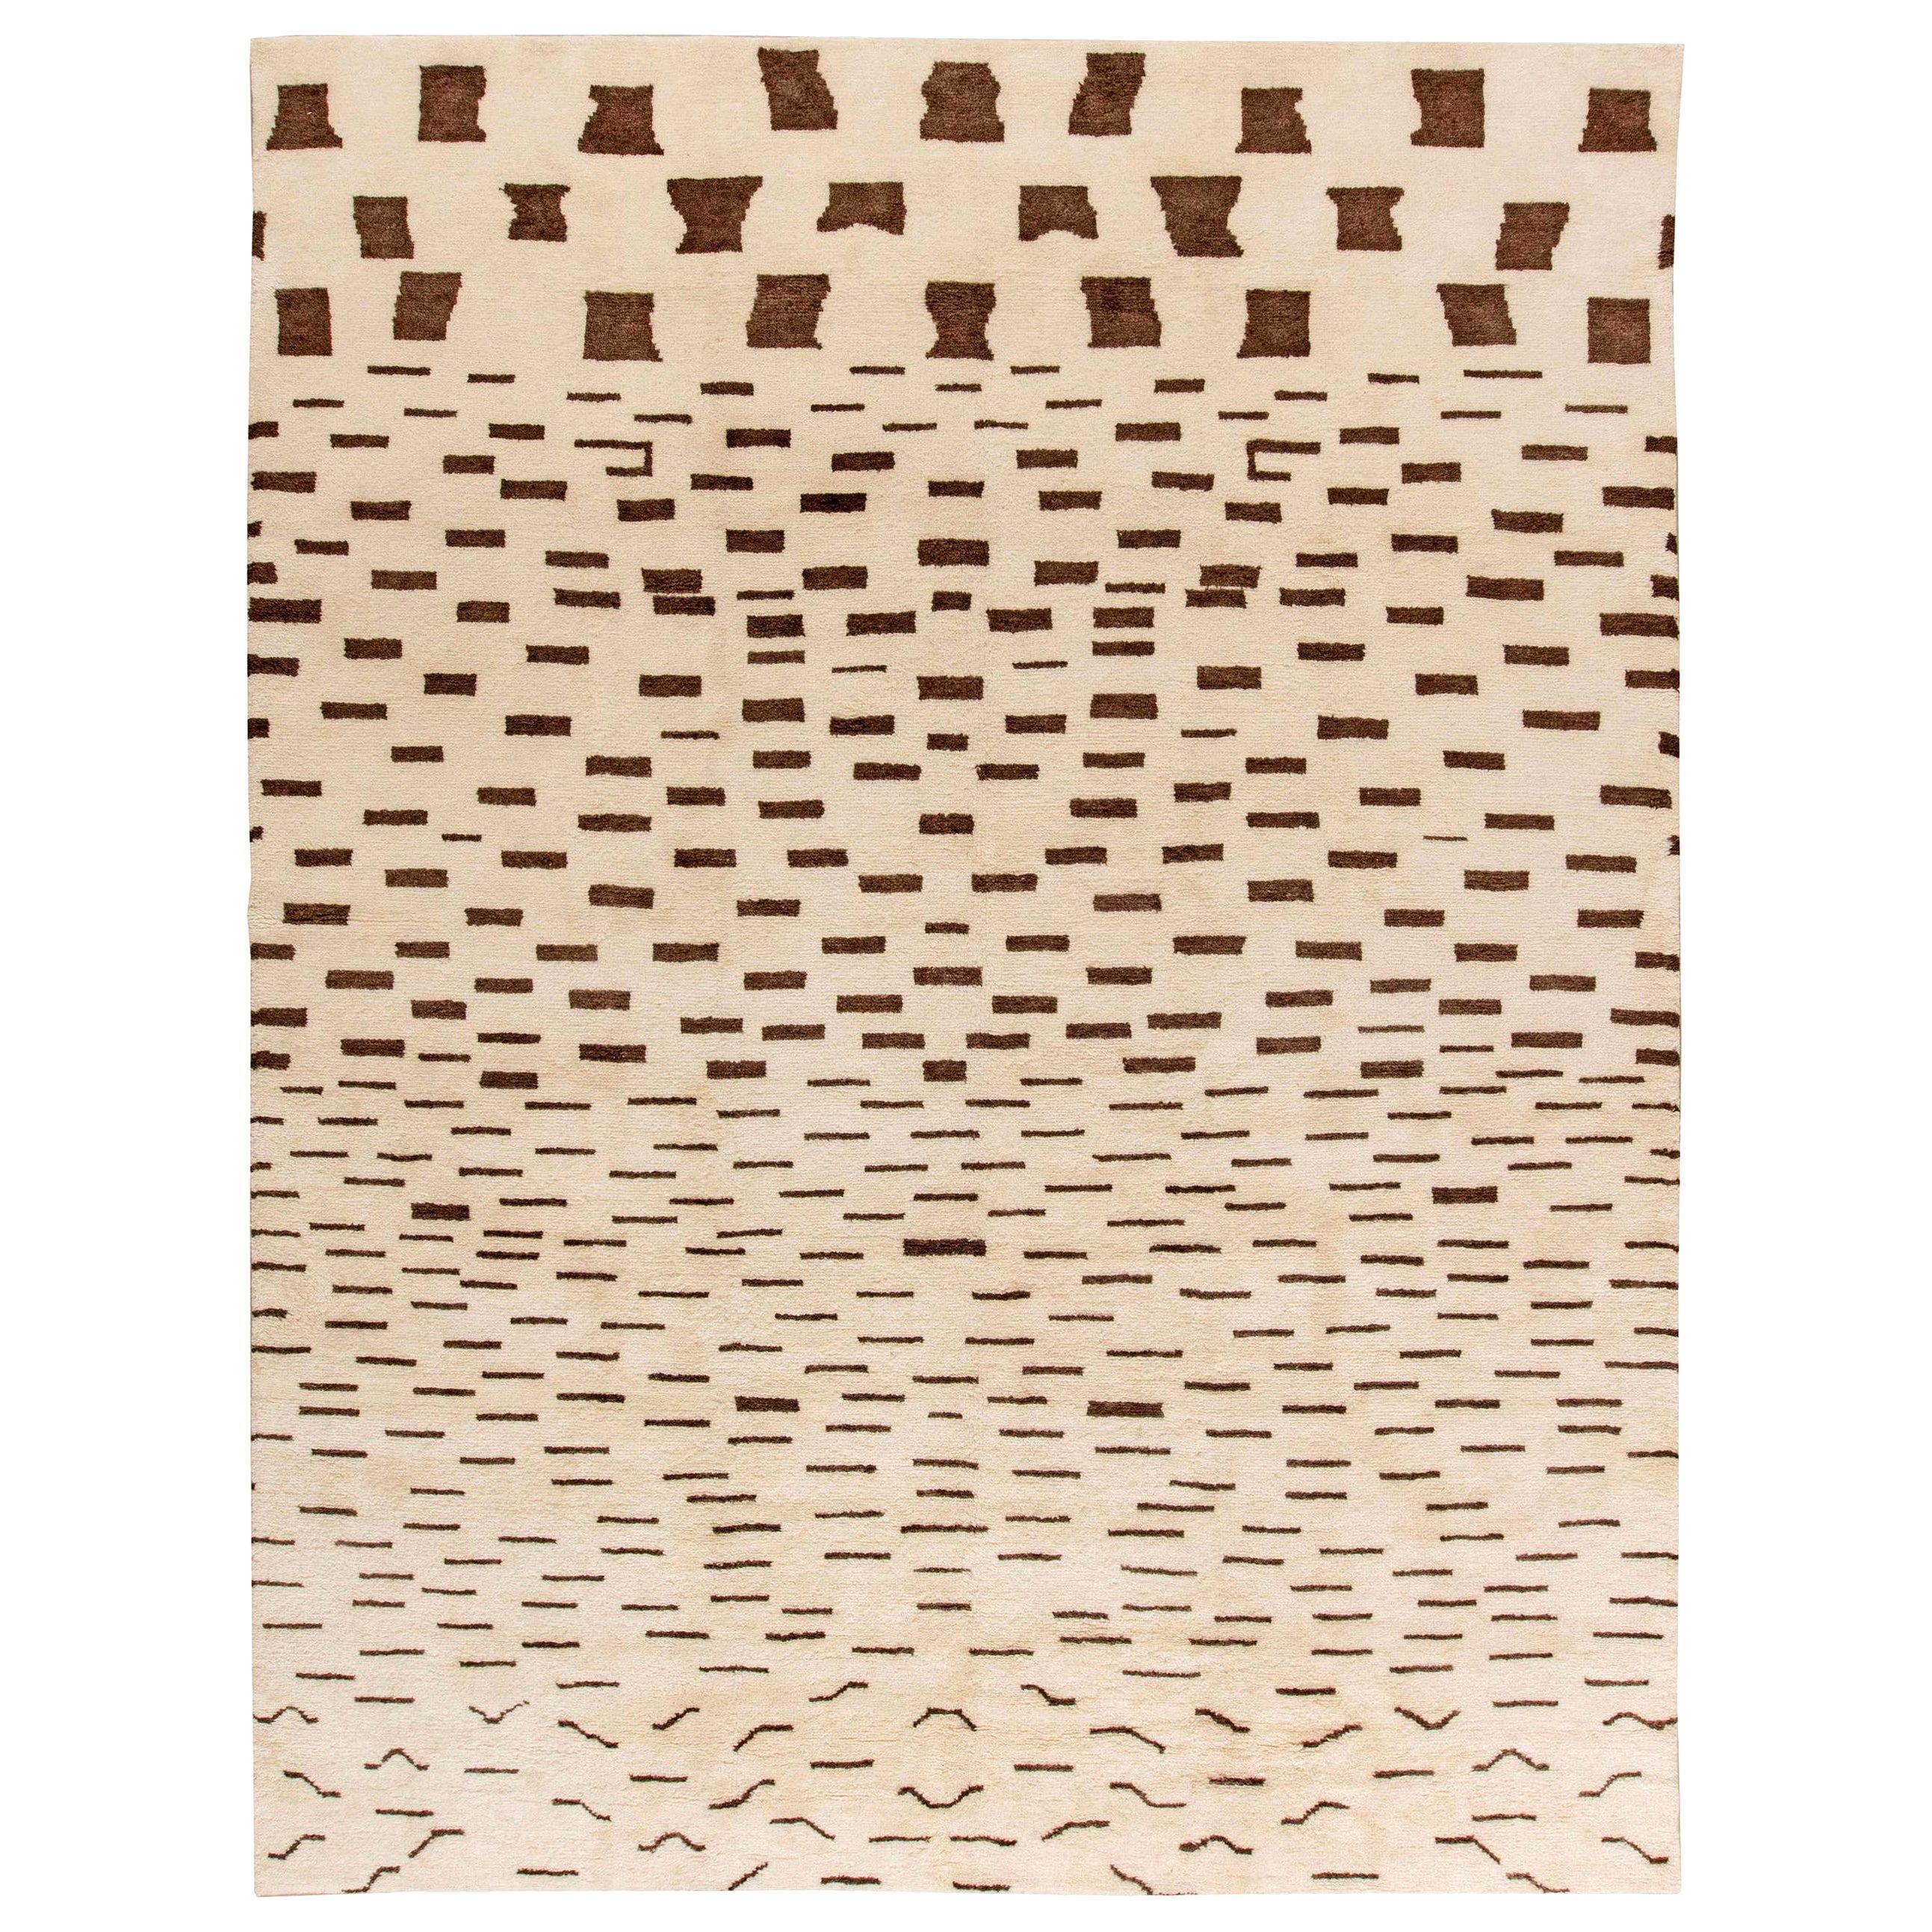 Doris Leslie Blau Collection Moroccan Handmade Wool Rug in Brown and Beige